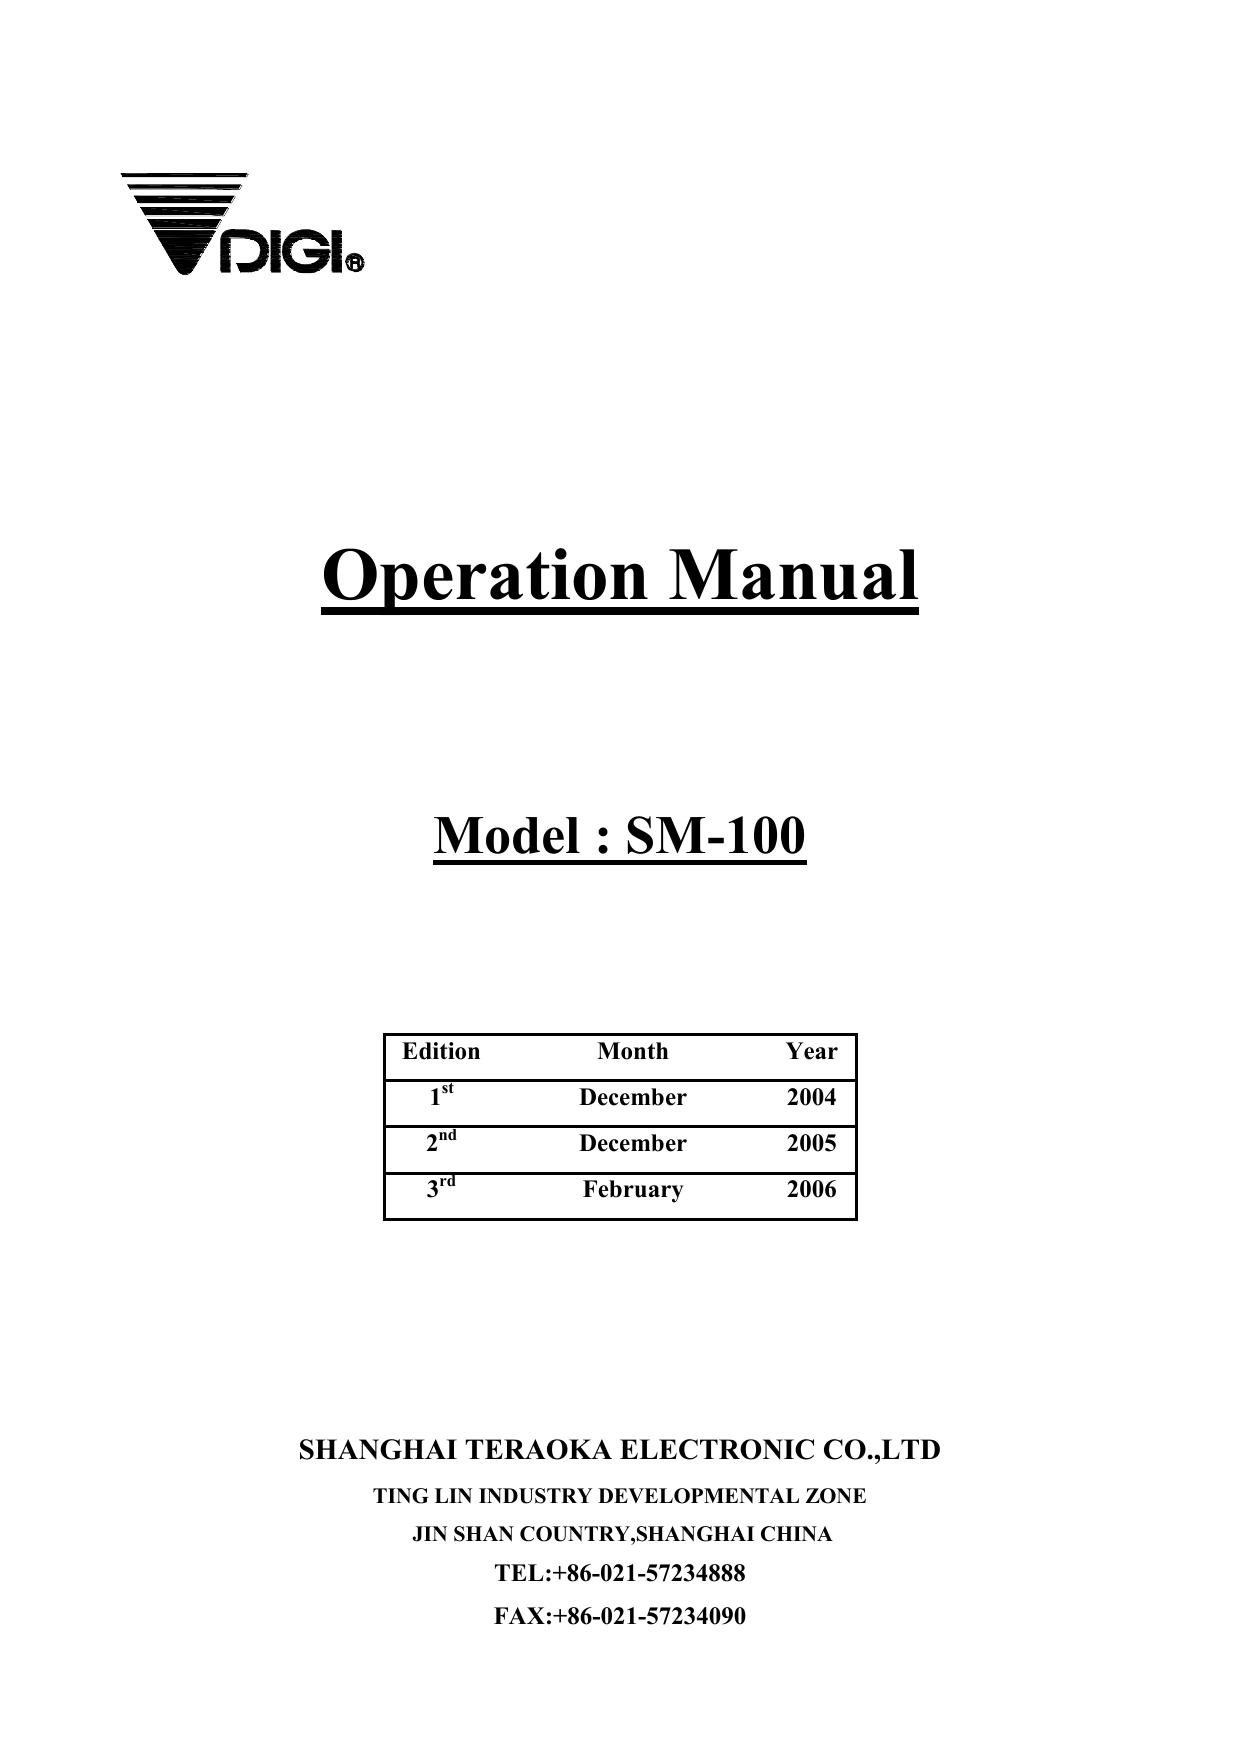 DIGI SM-100 Operation Manual | manualzz com